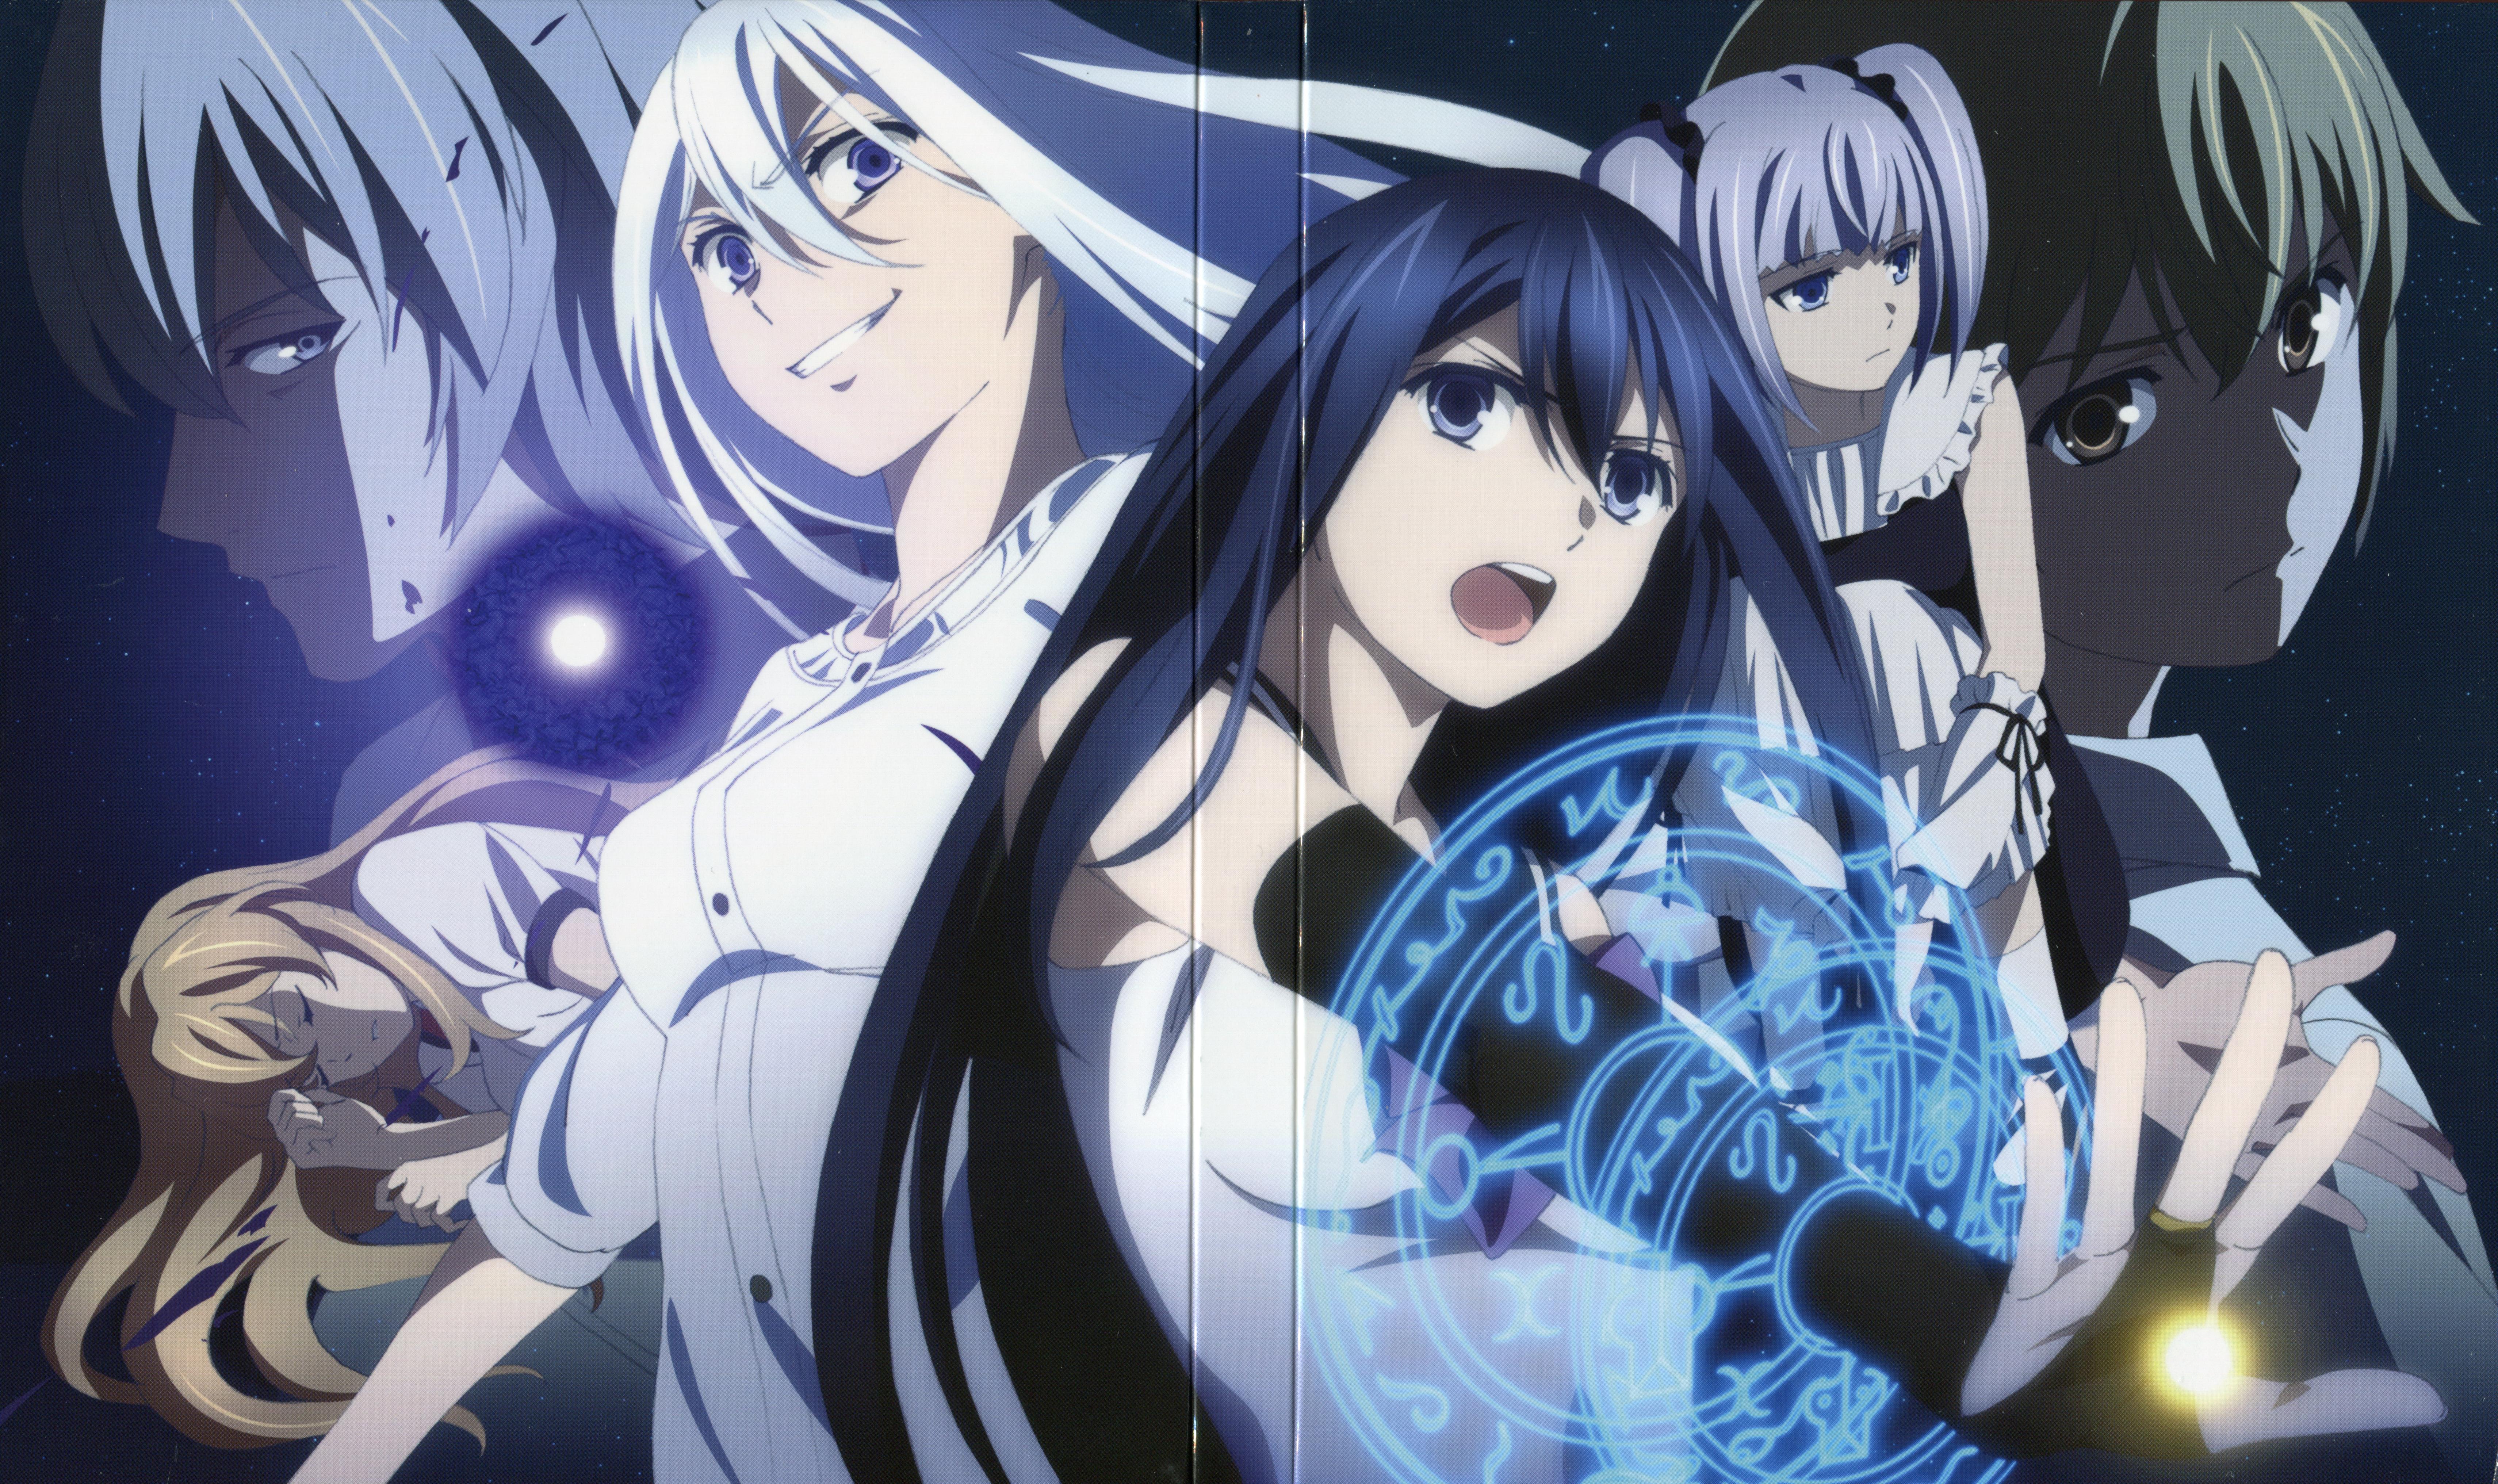 Kuroha Neko Gokukoku No Brynhildr Zerochan Anime Image Board